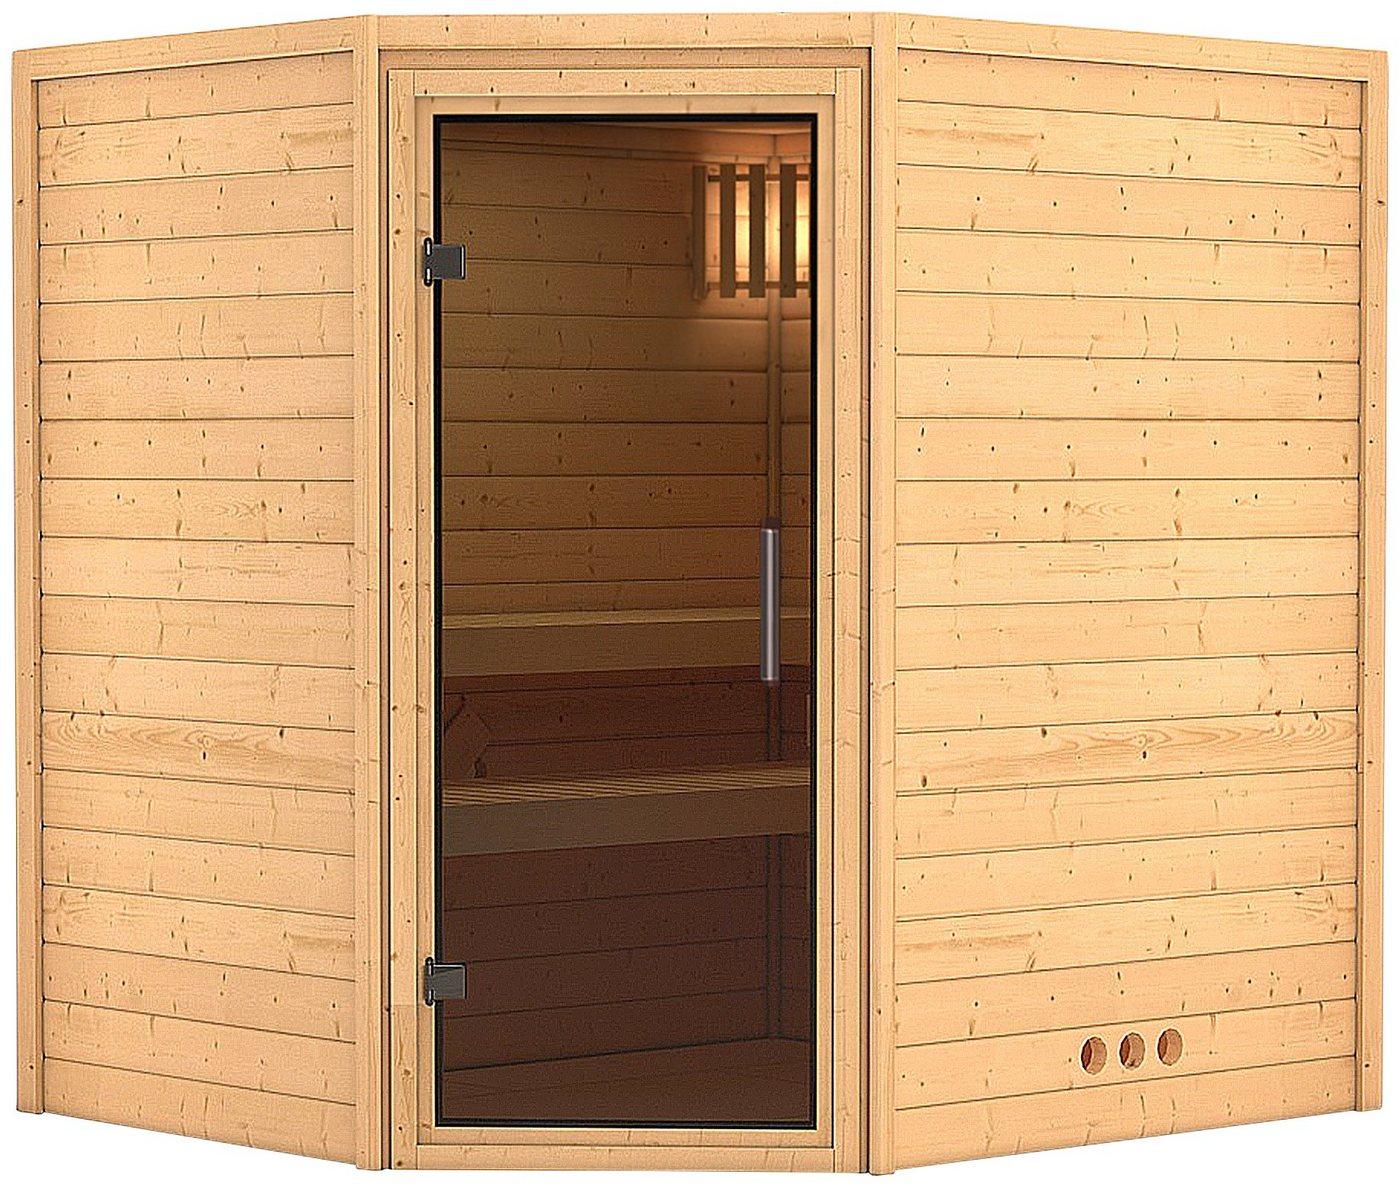 KARIBU Sauna »Mia«, 196/170/200 cm, ohne Ofen, Glastür grafit